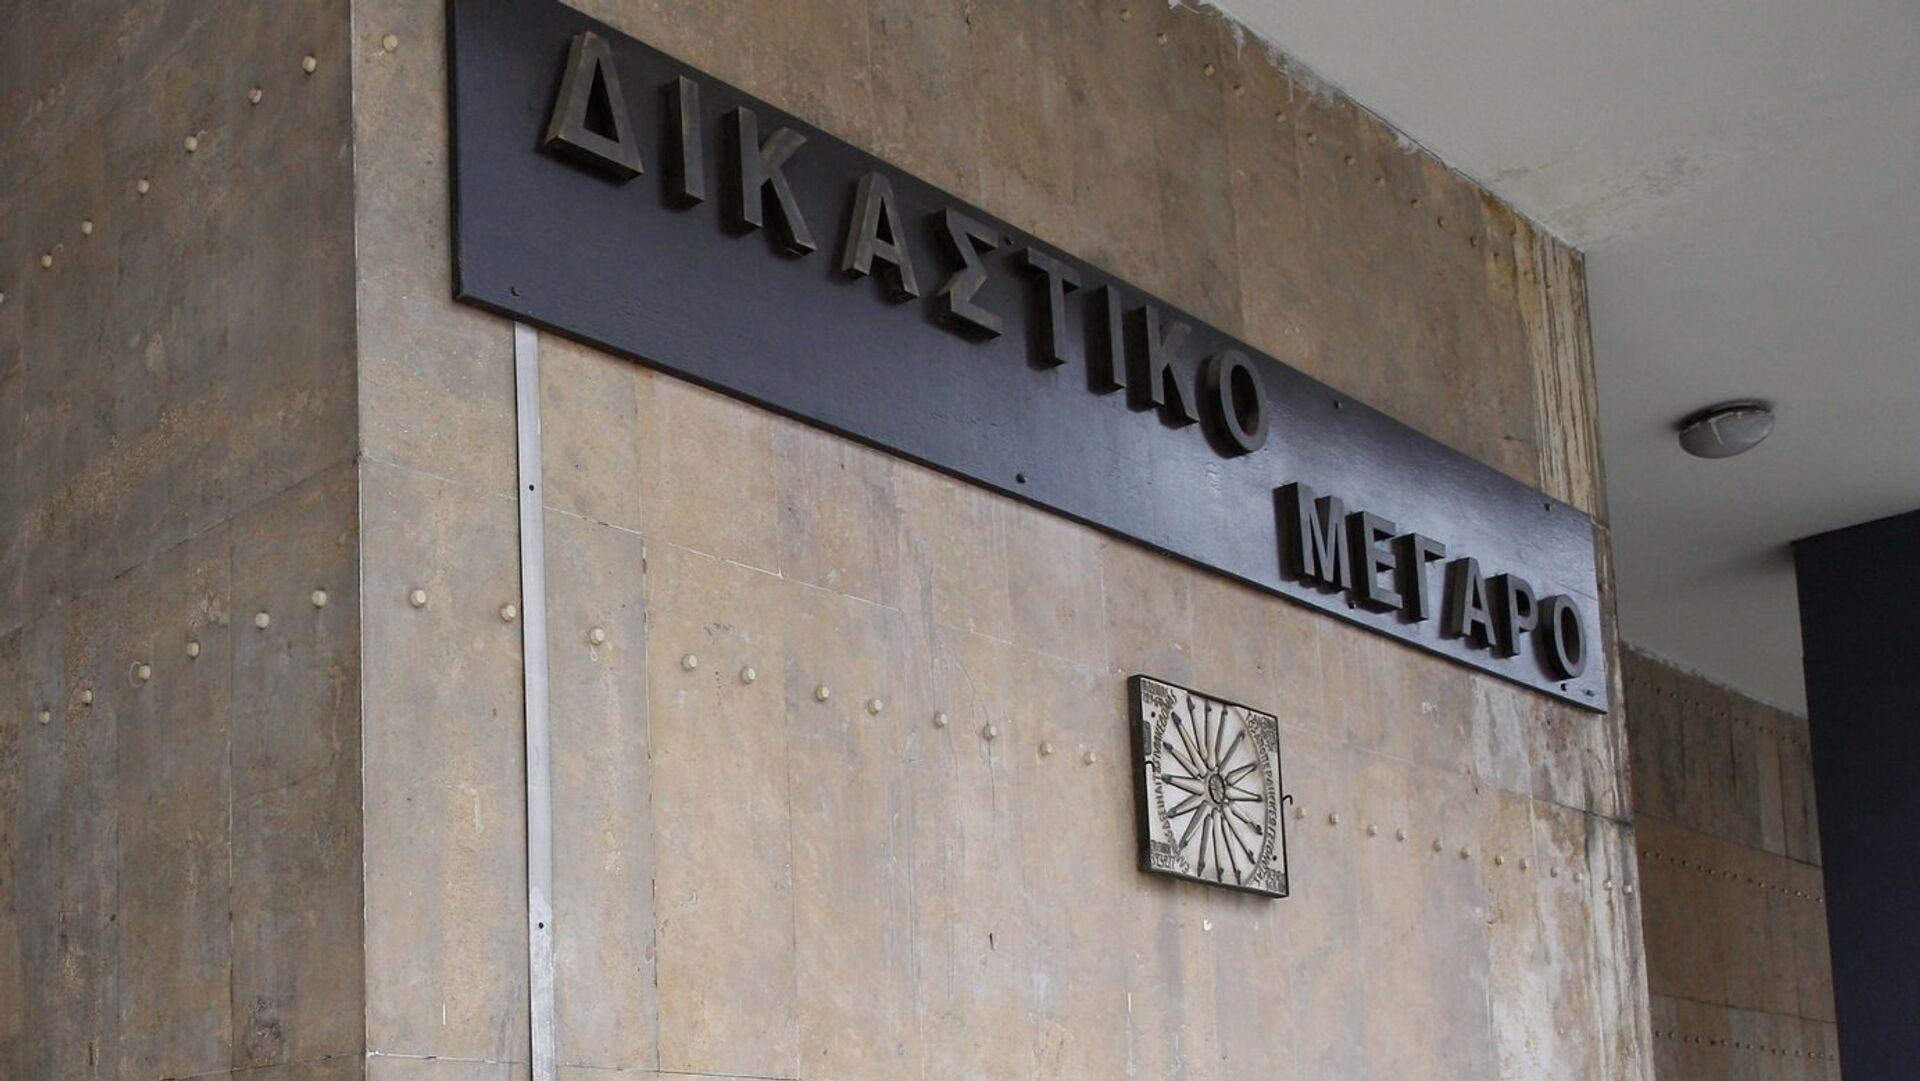 Δικαστικό Μέγαρο Θεσσαλονίκης - Sputnik Ελλάδα, 1920, 27.09.2021